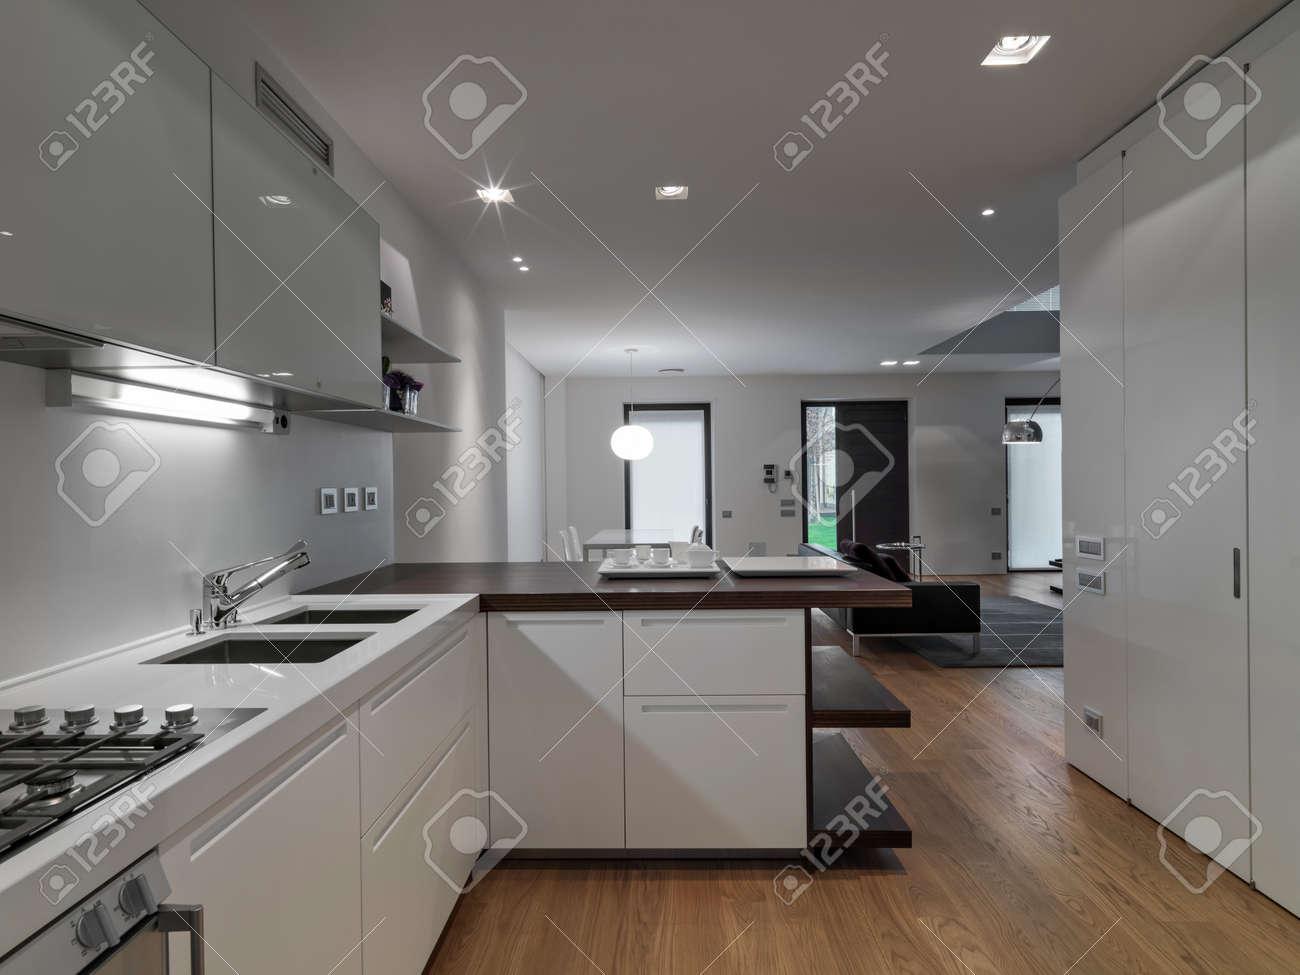 Cucina In Salotto.Vista Interna Di Un Salotto Moderno In Primo Piano La Cucina Il Cui Pavimento E In Legno